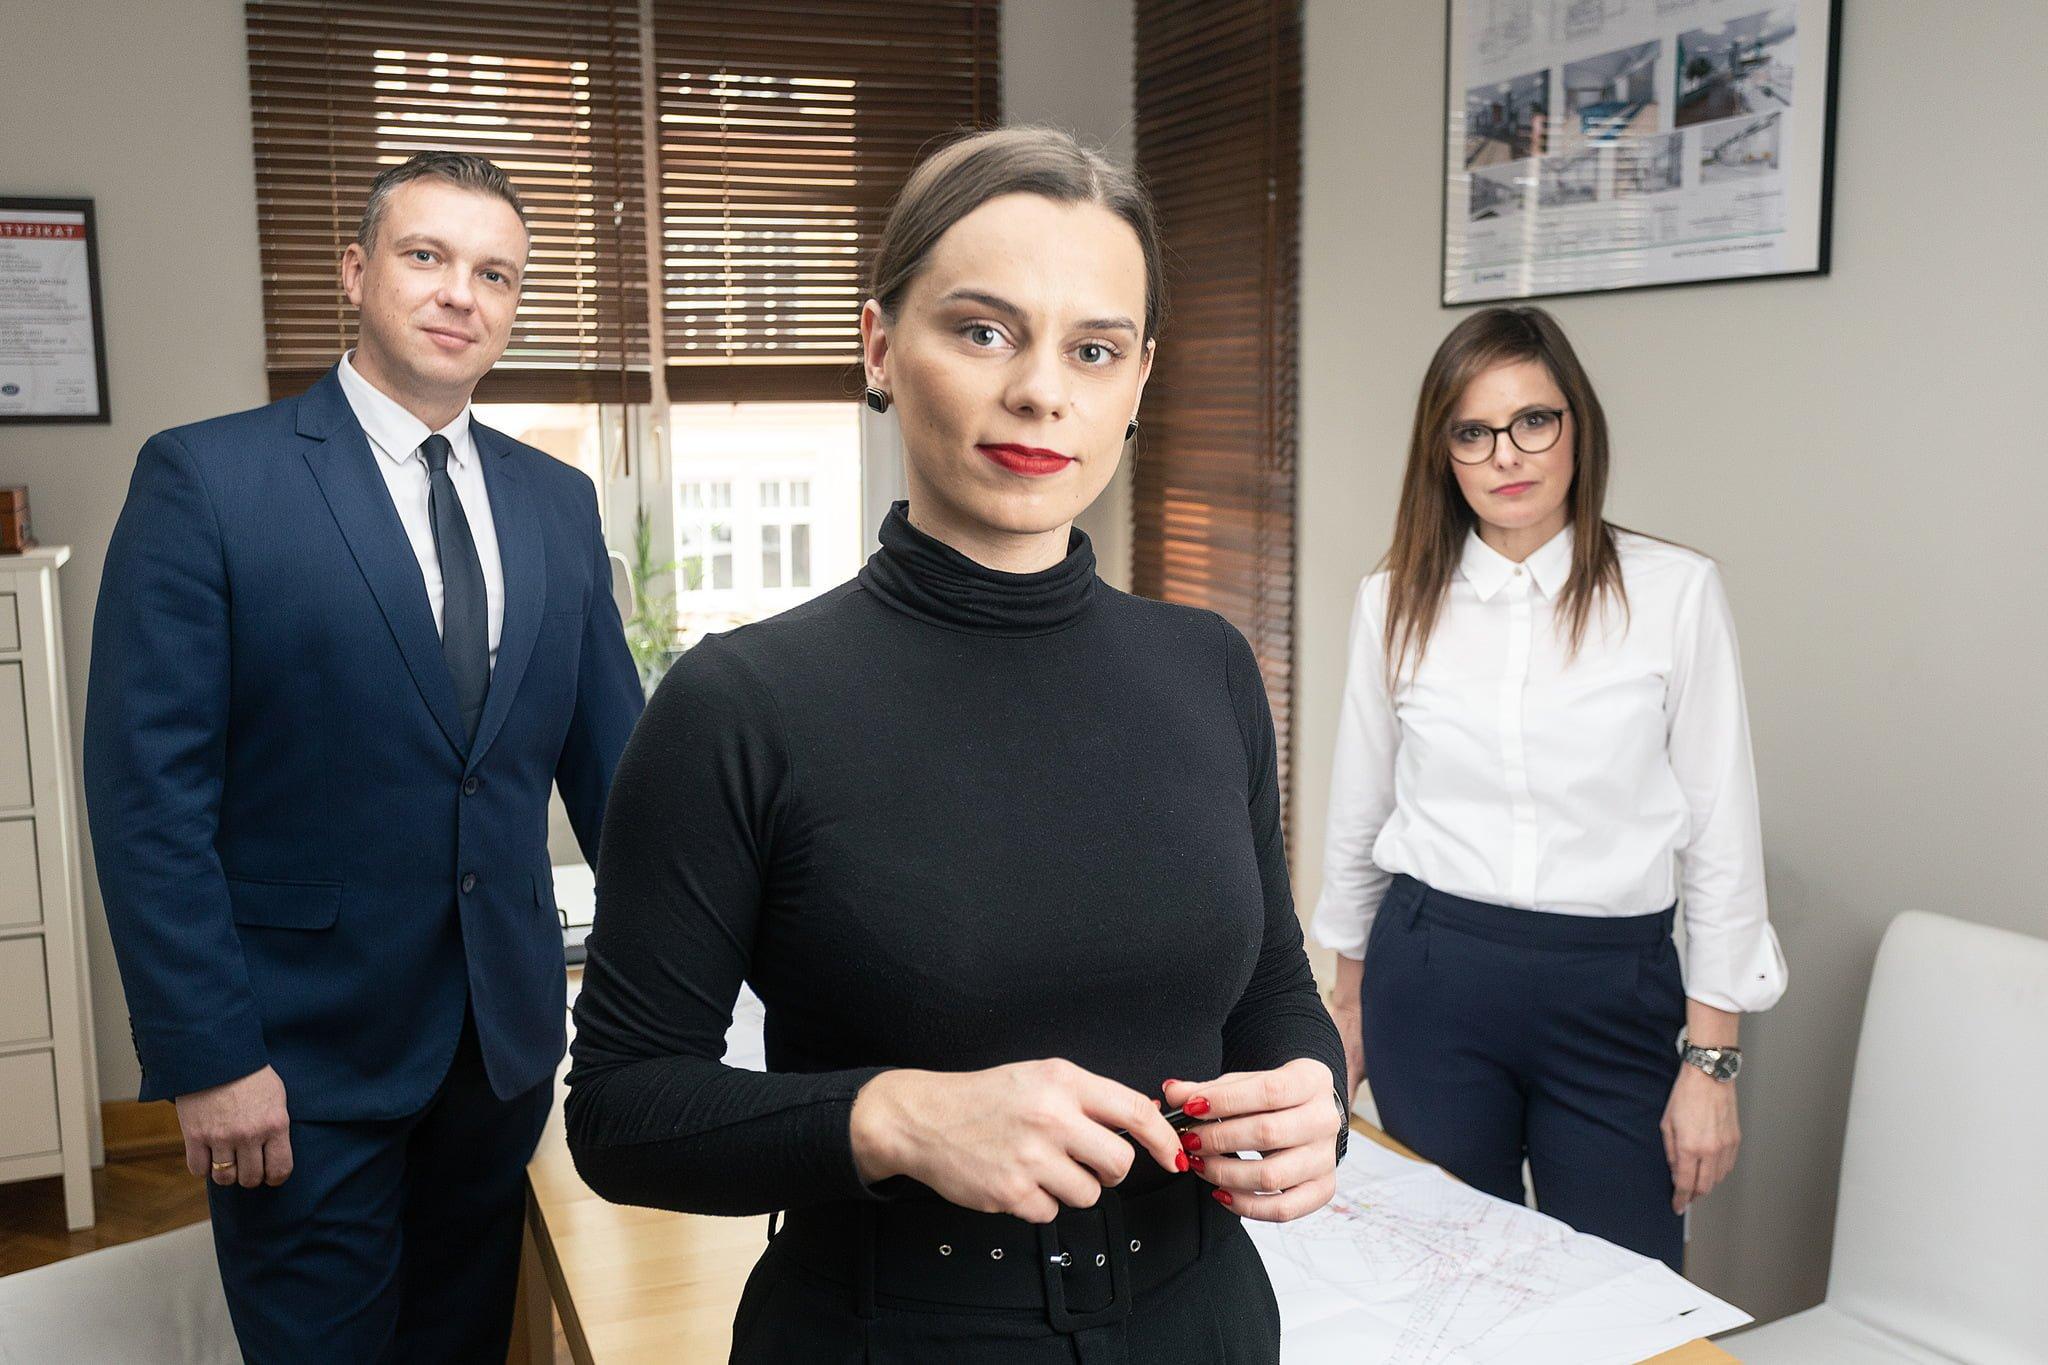 Eco5tech_team_Alicja Gackowska_prezes zarządu, proptch